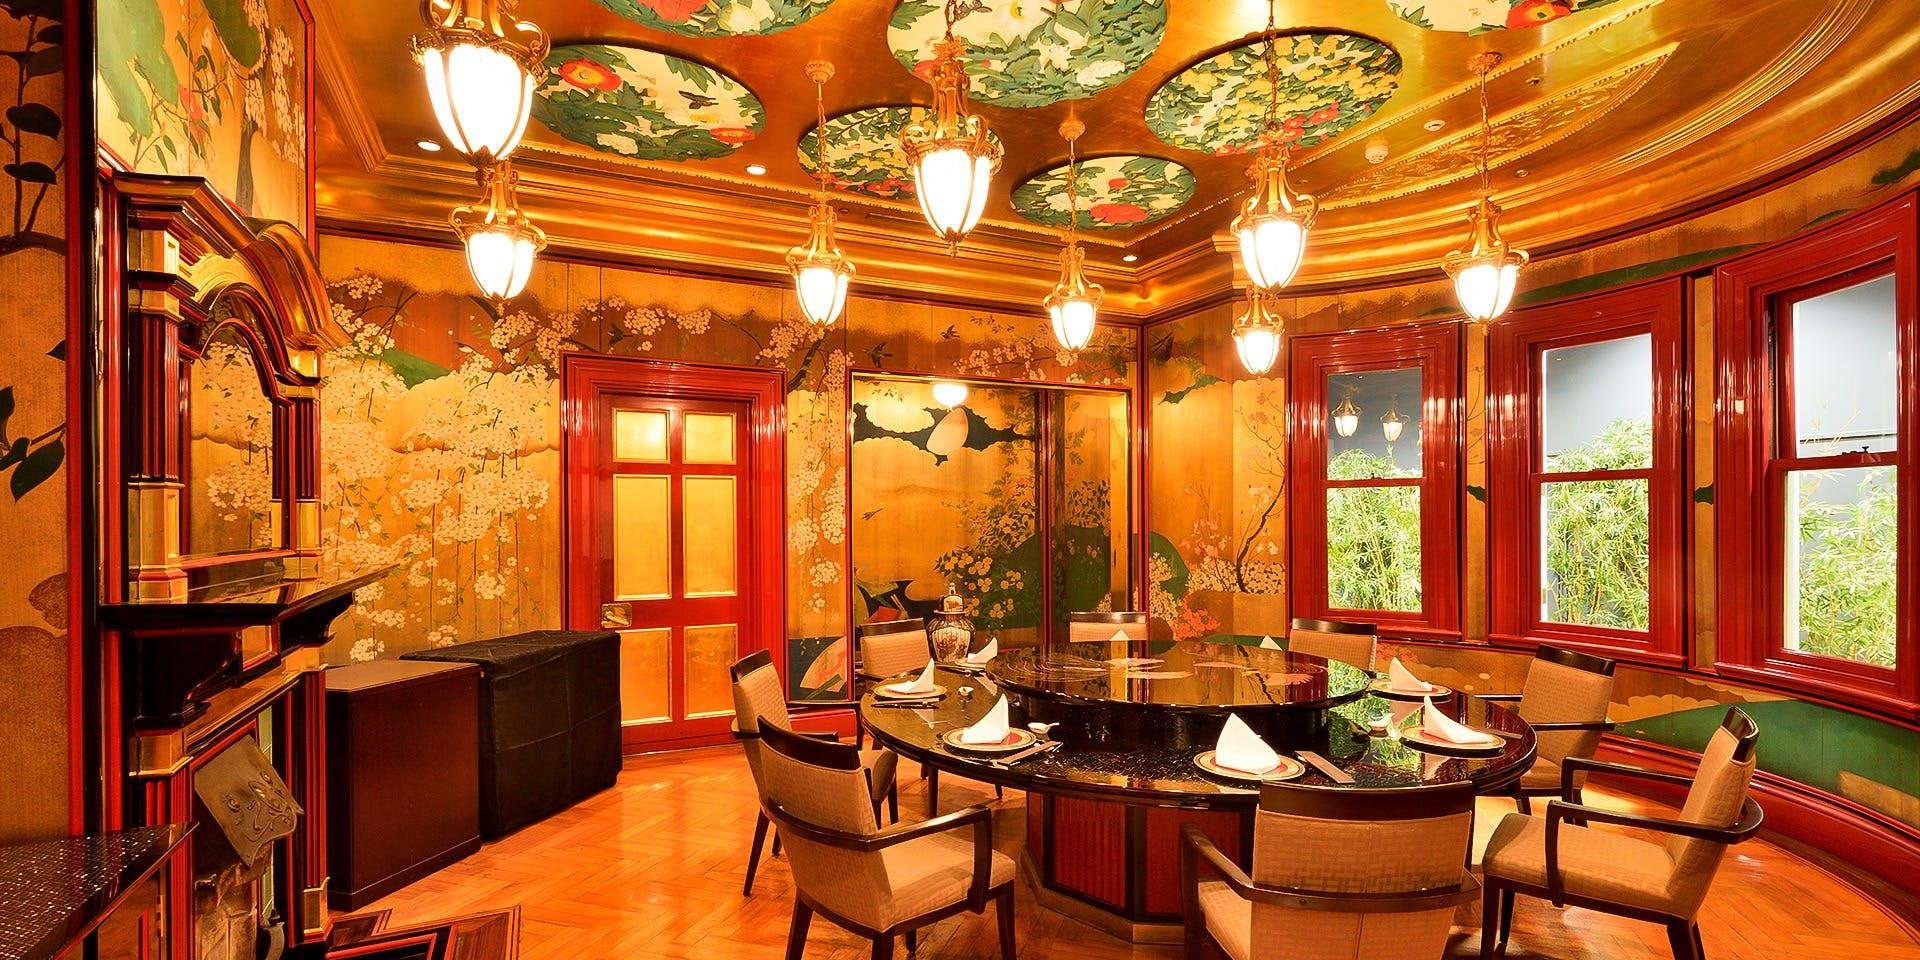 記念日におすすめのレストラン・中国料理 旬遊紀/ホテル雅叙園東京の写真1